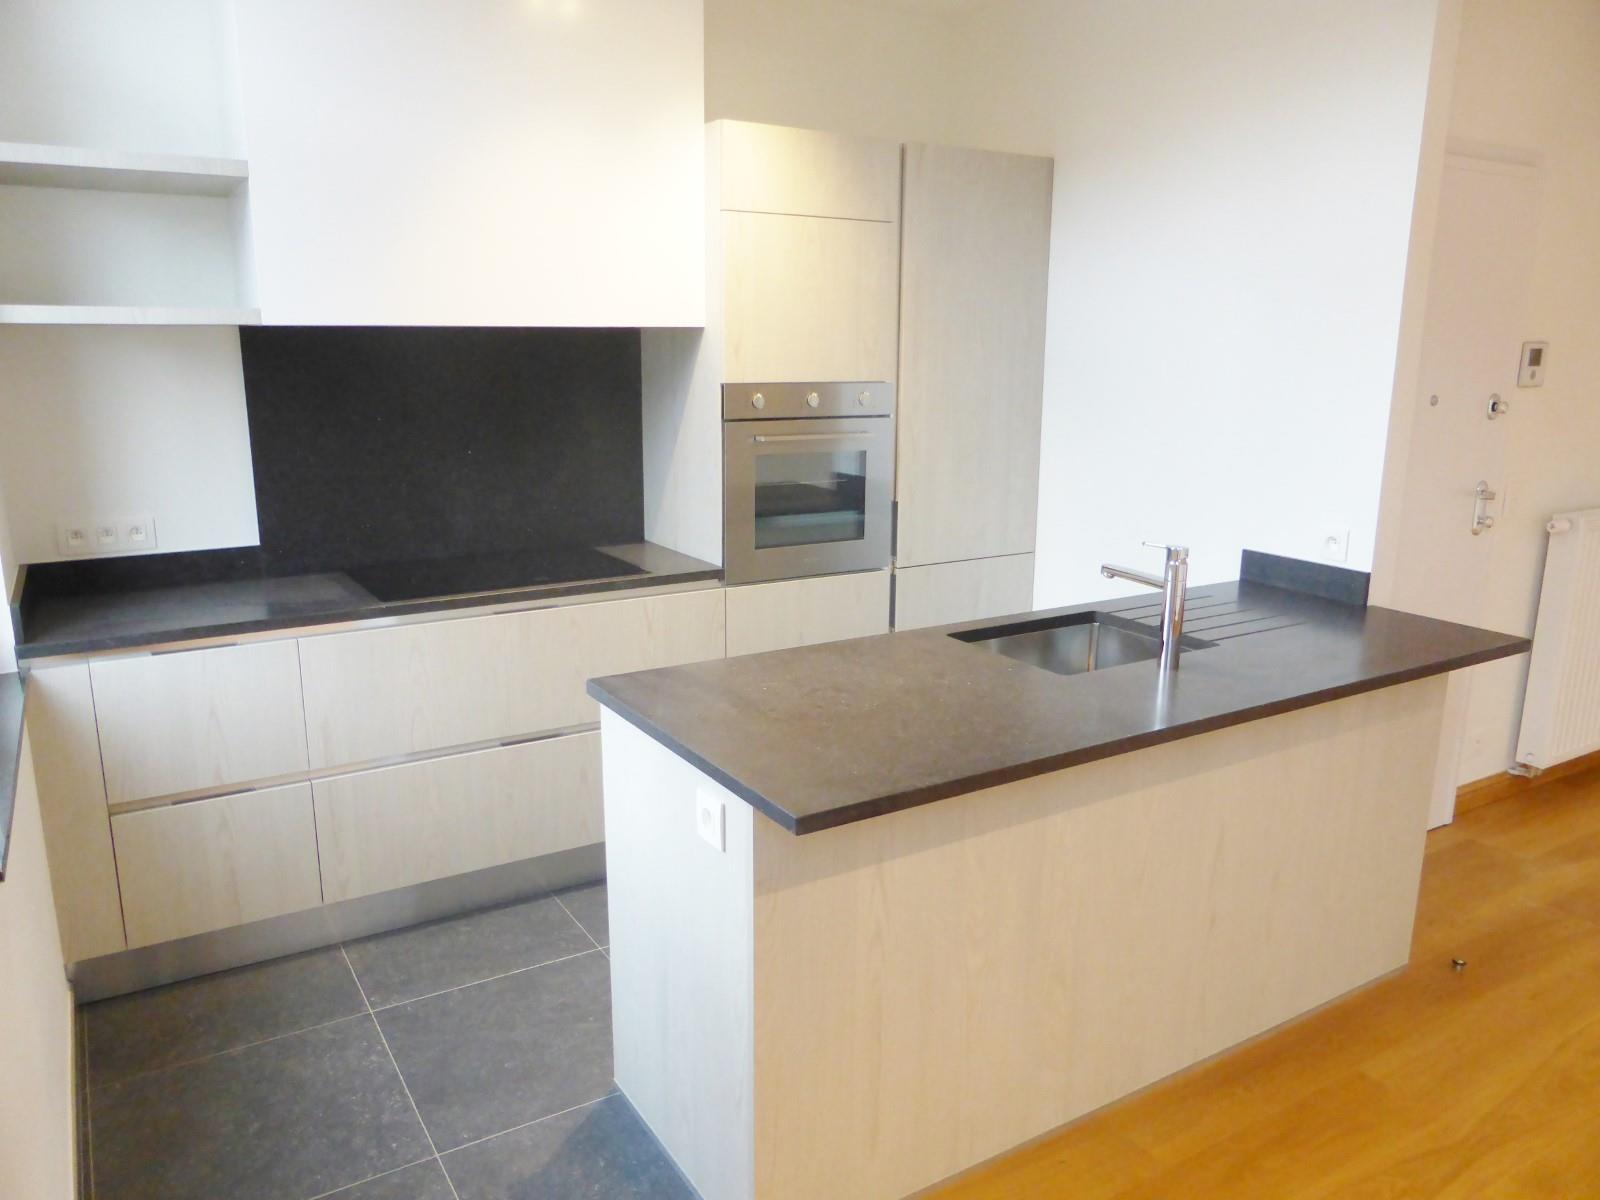 Appartement exceptionnel - Bruxelles - #3965237-30